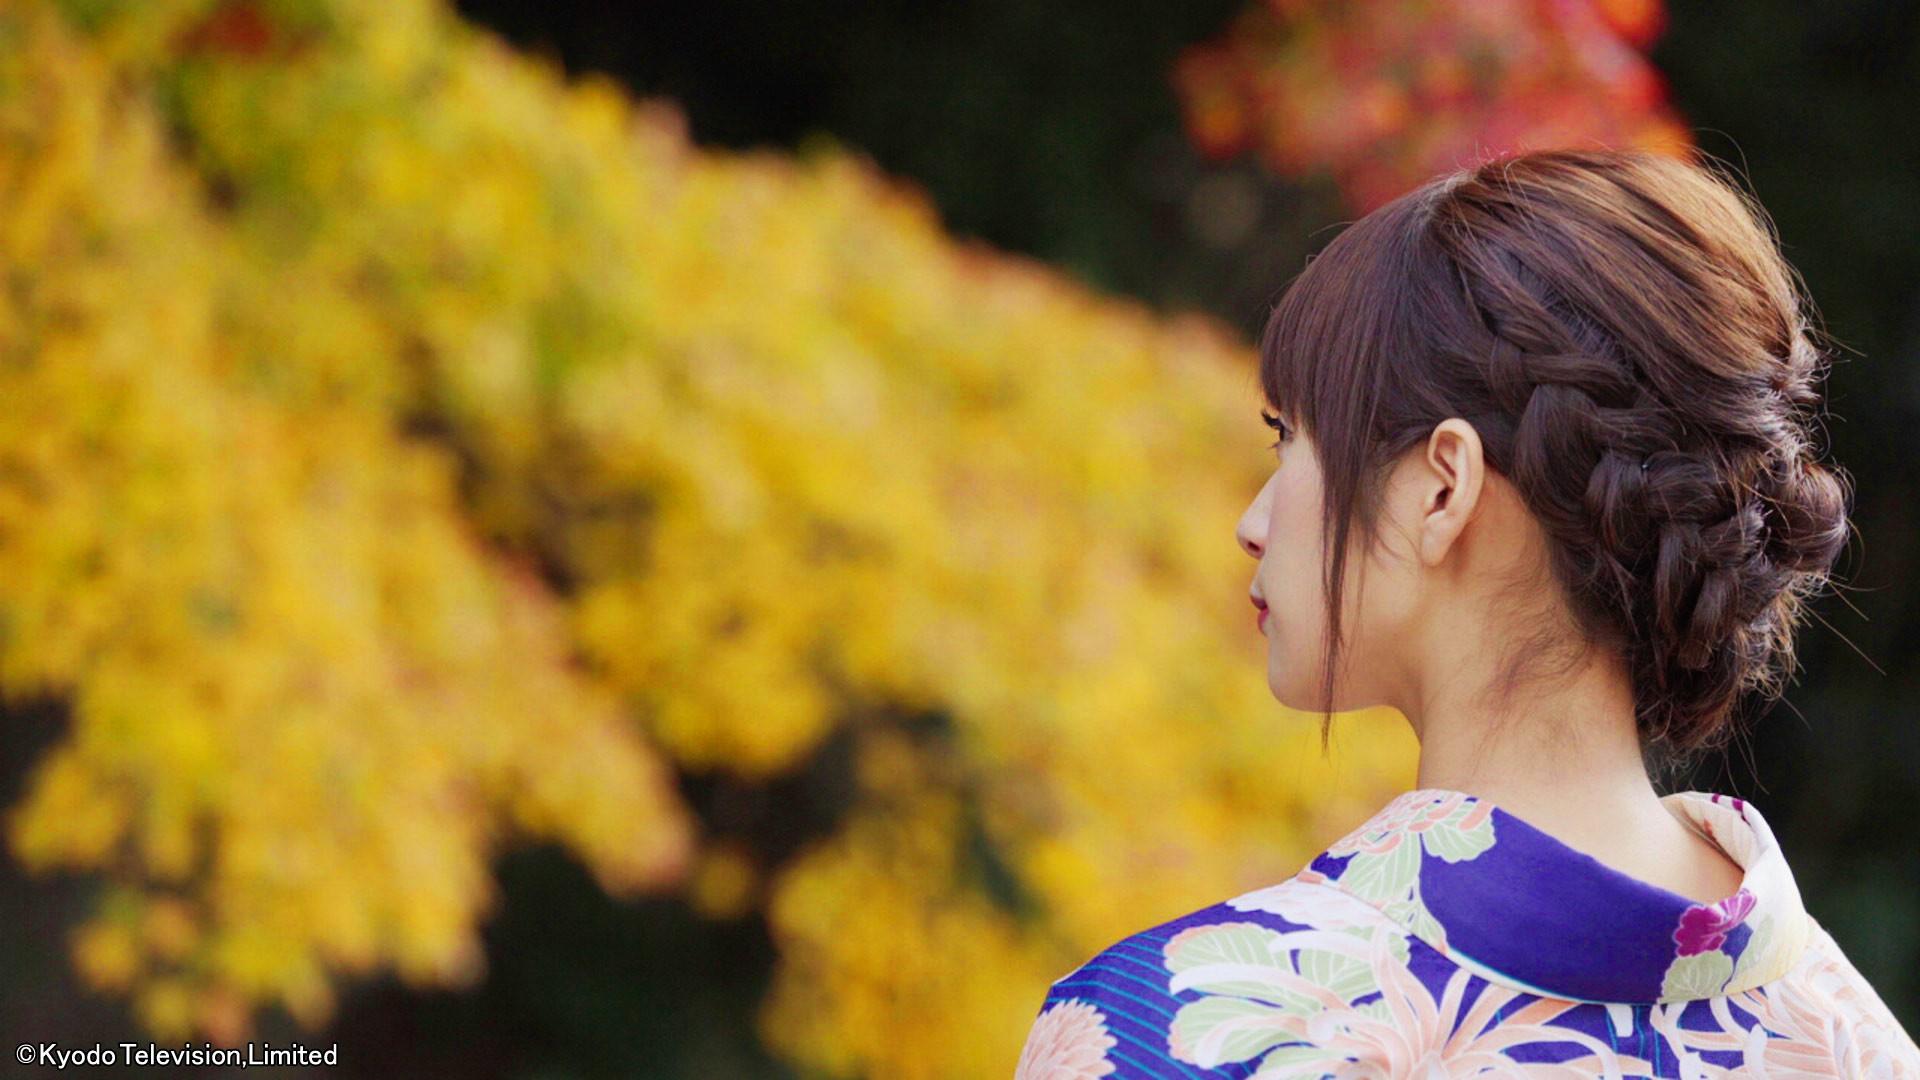 日本驚嘆百景 京都〜美しき紅葉の秘密〜_body_2